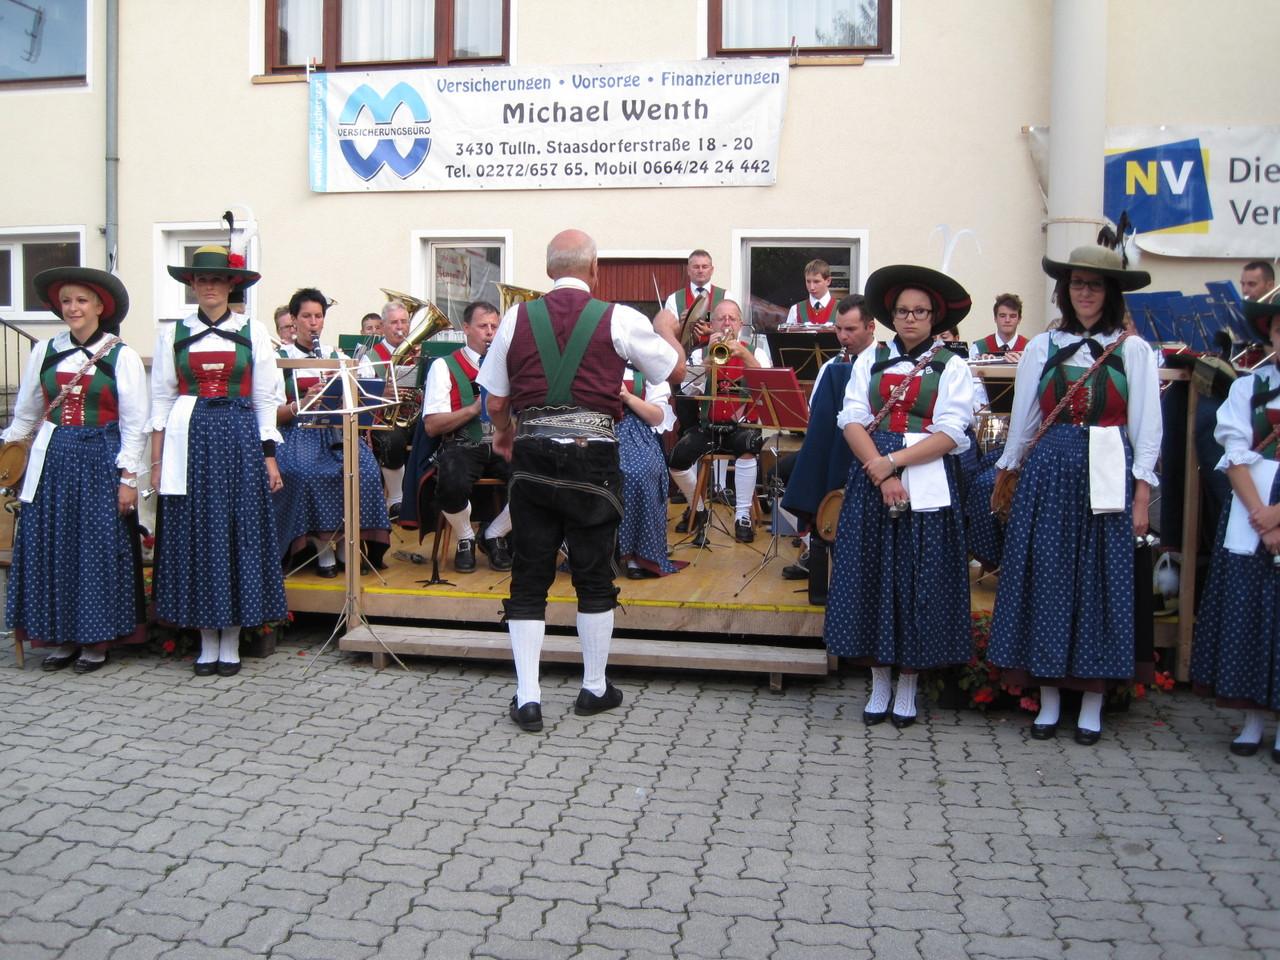 Konzert (c) Werner Daum